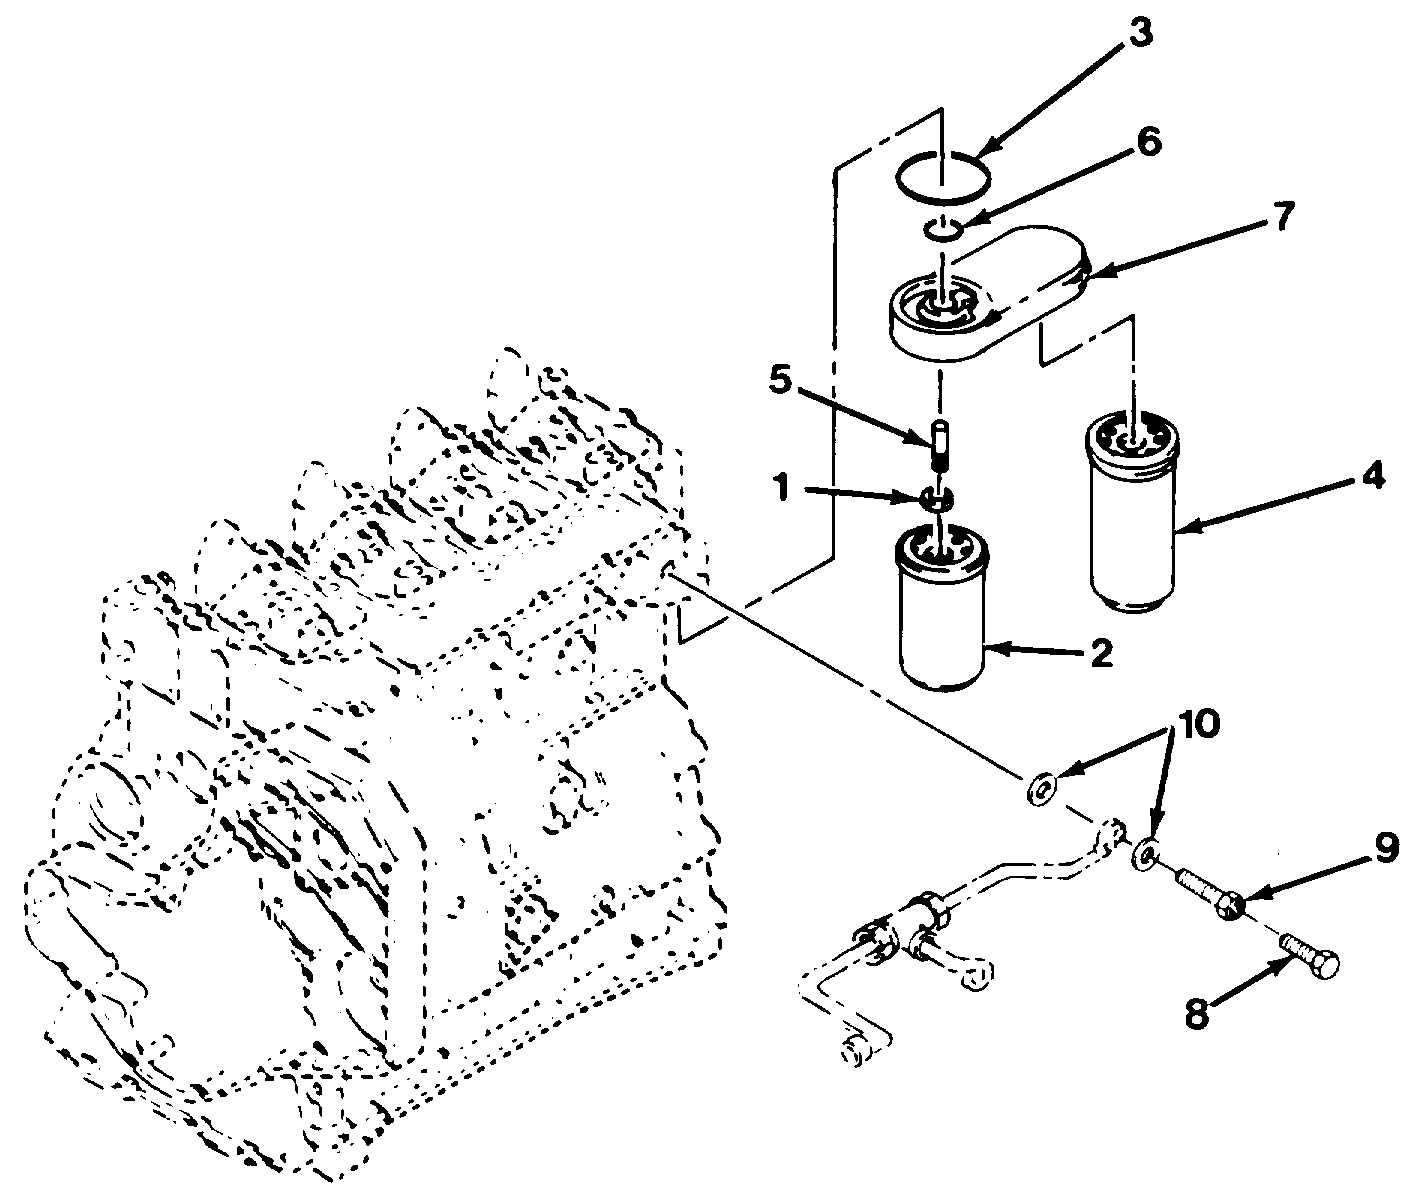 Figure 38. Fuel Filter